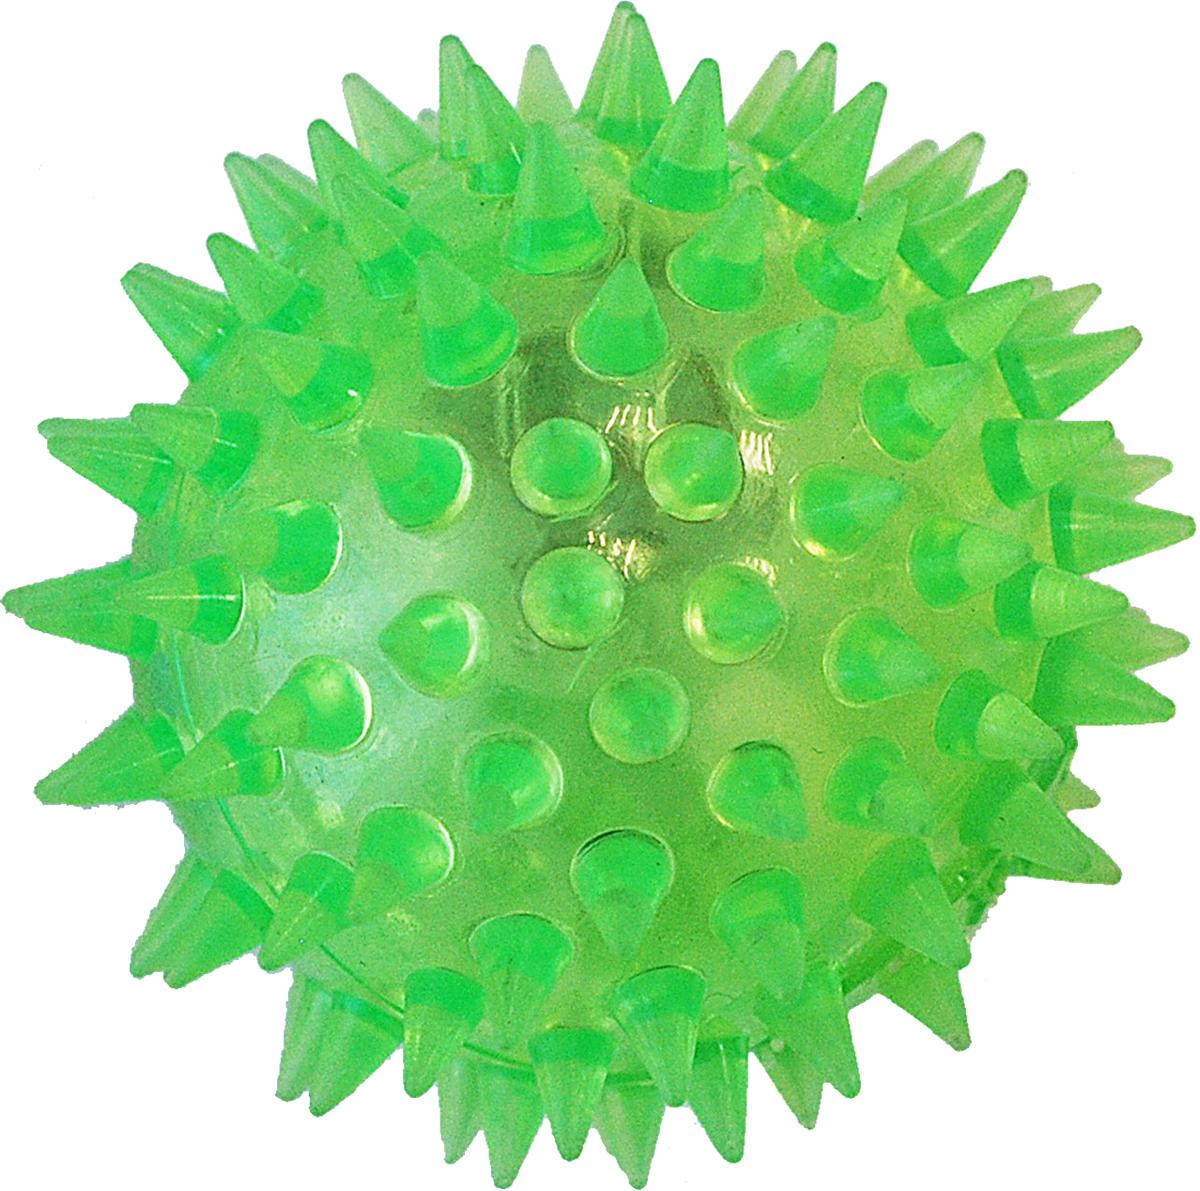 Игрушка для собак Уют Мяч с шипами, 5,5 см игрушка для собак уют сыр с мышкой 11 x 5 см